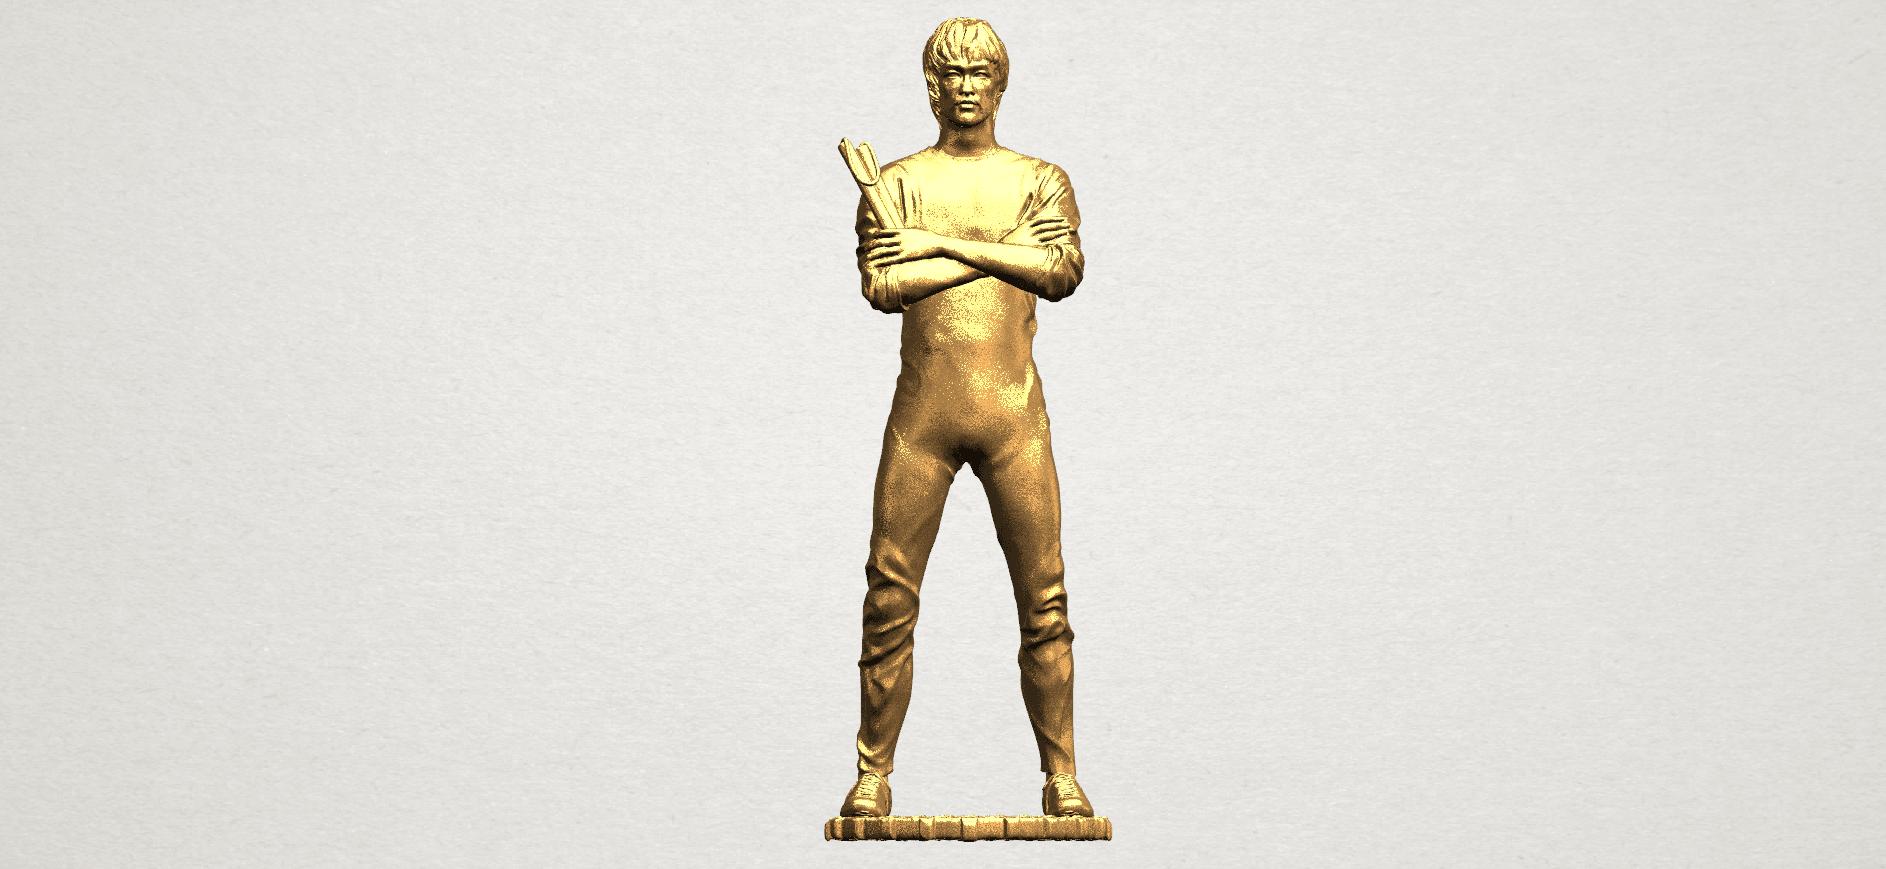 Bruce Lee A01.png Télécharger fichier STL gratuit Bruce Lee • Design à imprimer en 3D, GeorgesNikkei